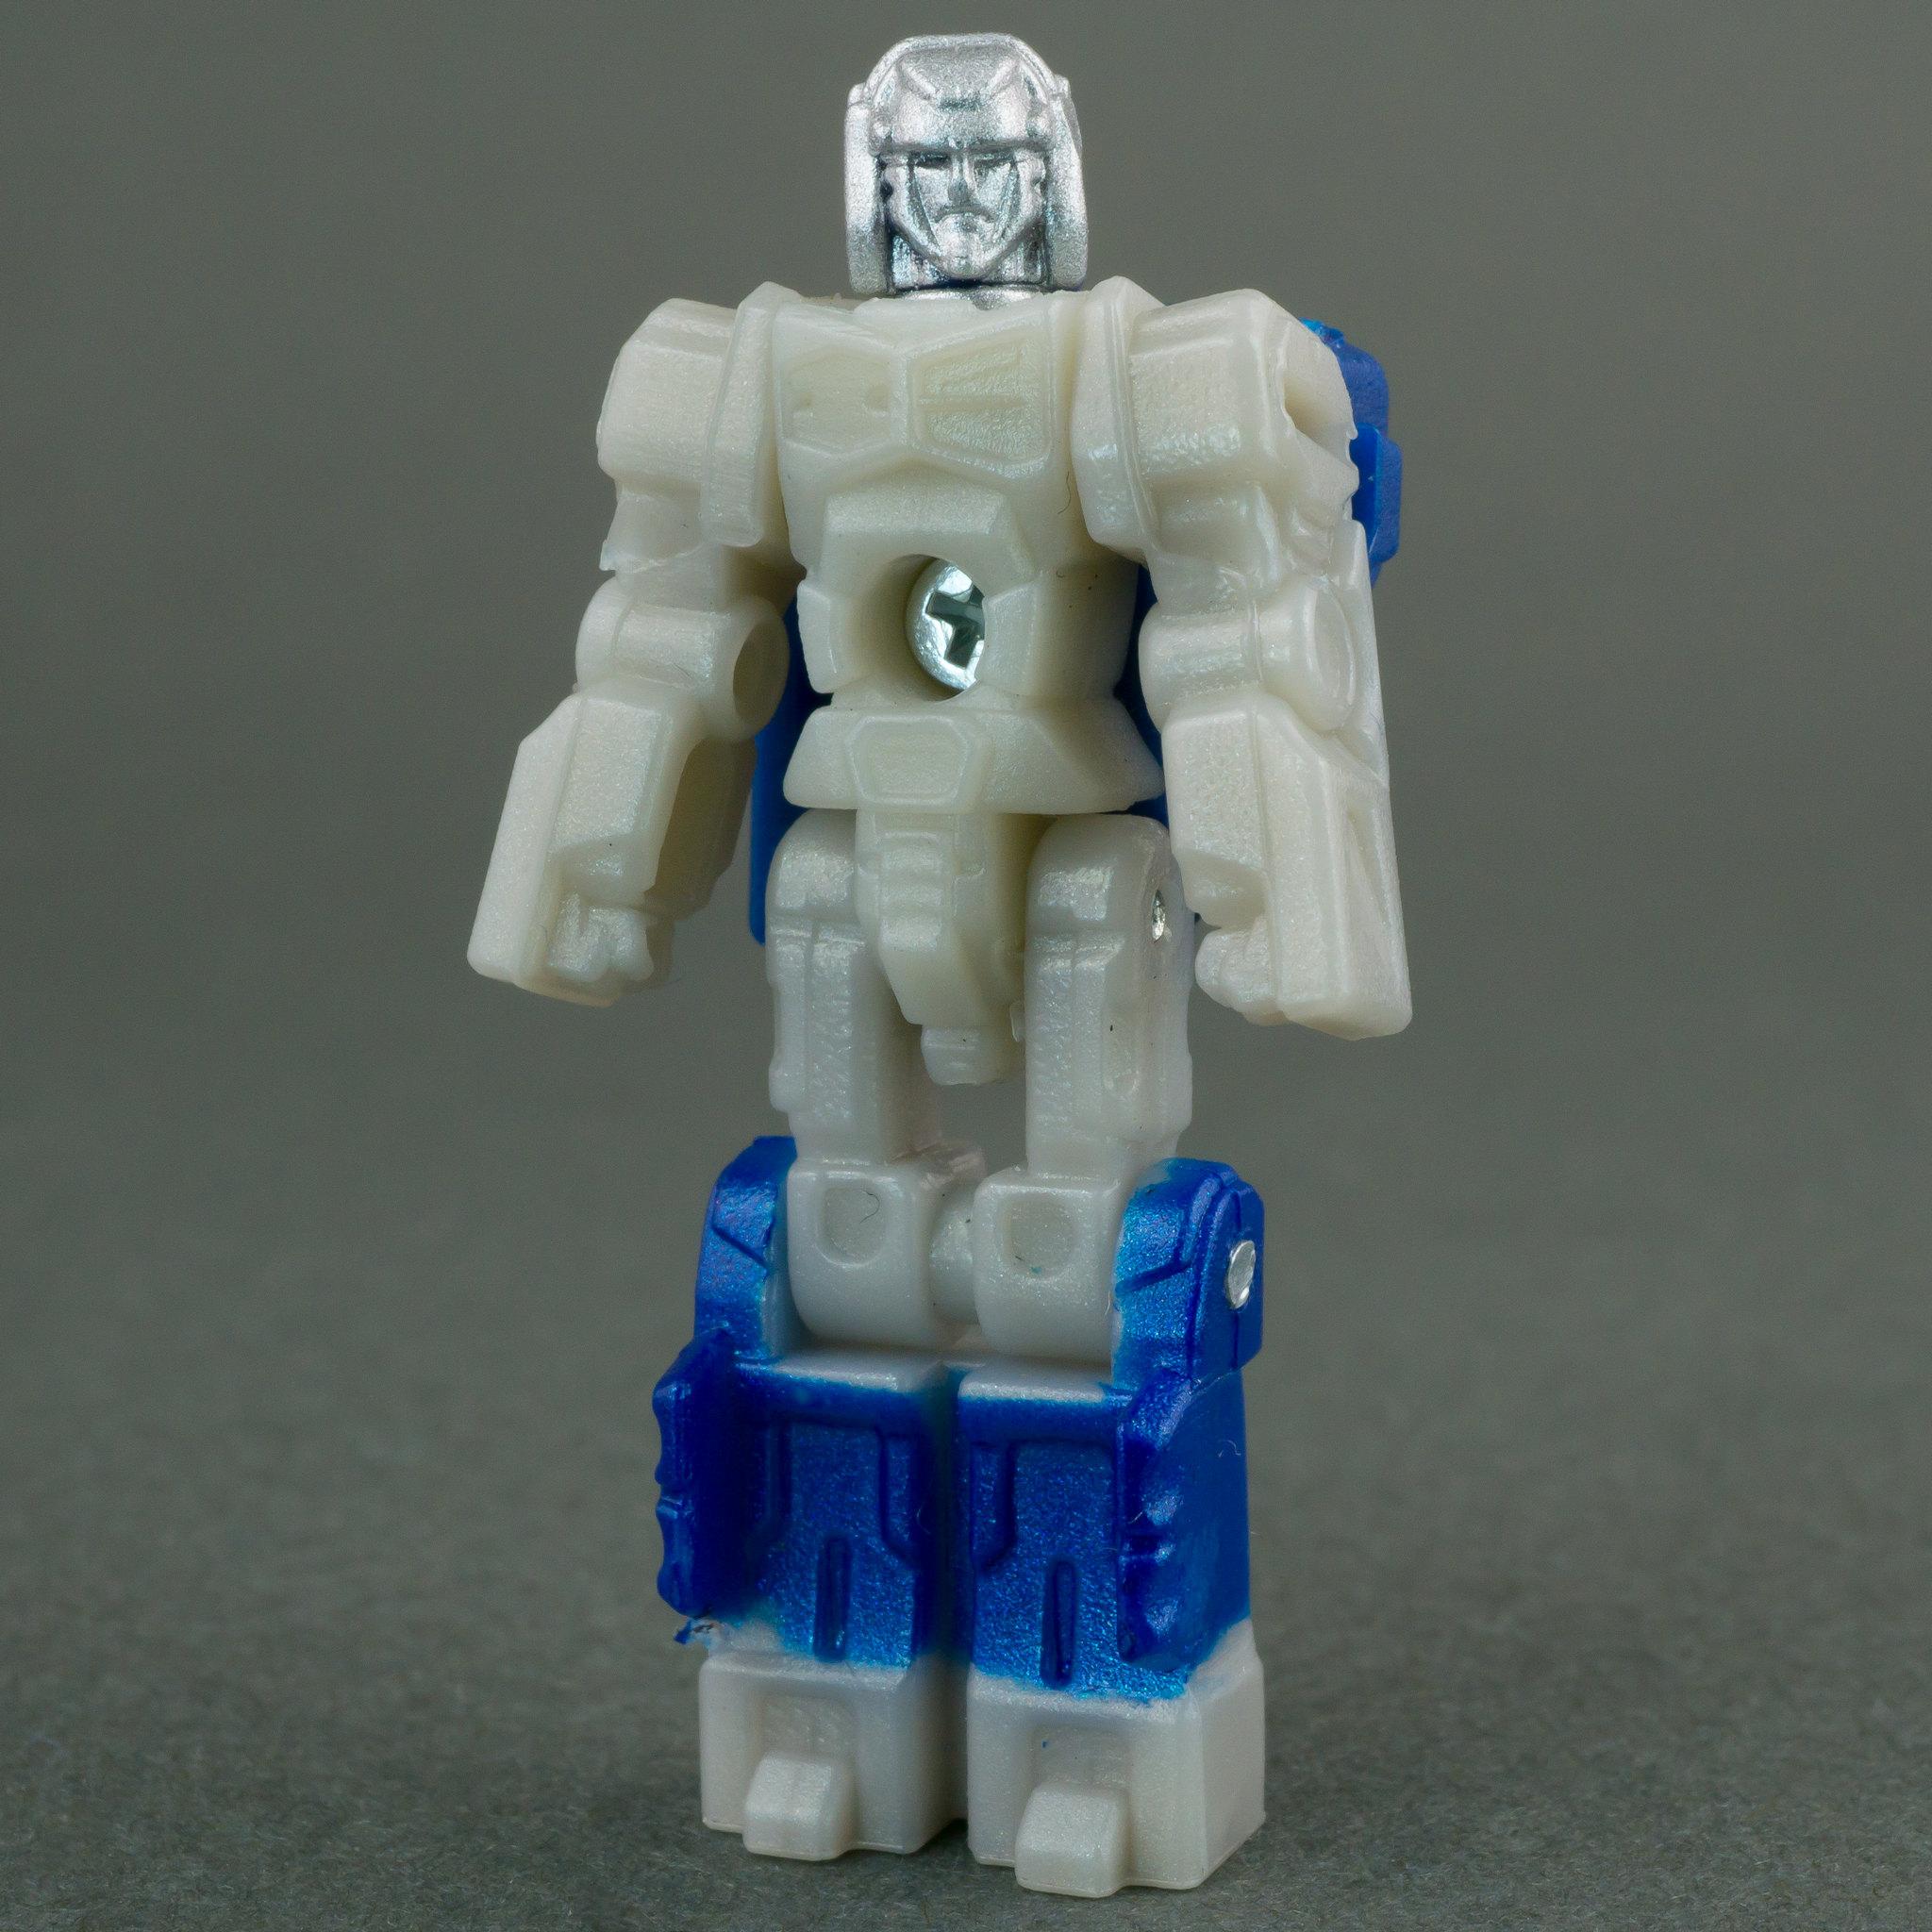 TFW's Titans Return Voyager Optimus Prime Photoshoot